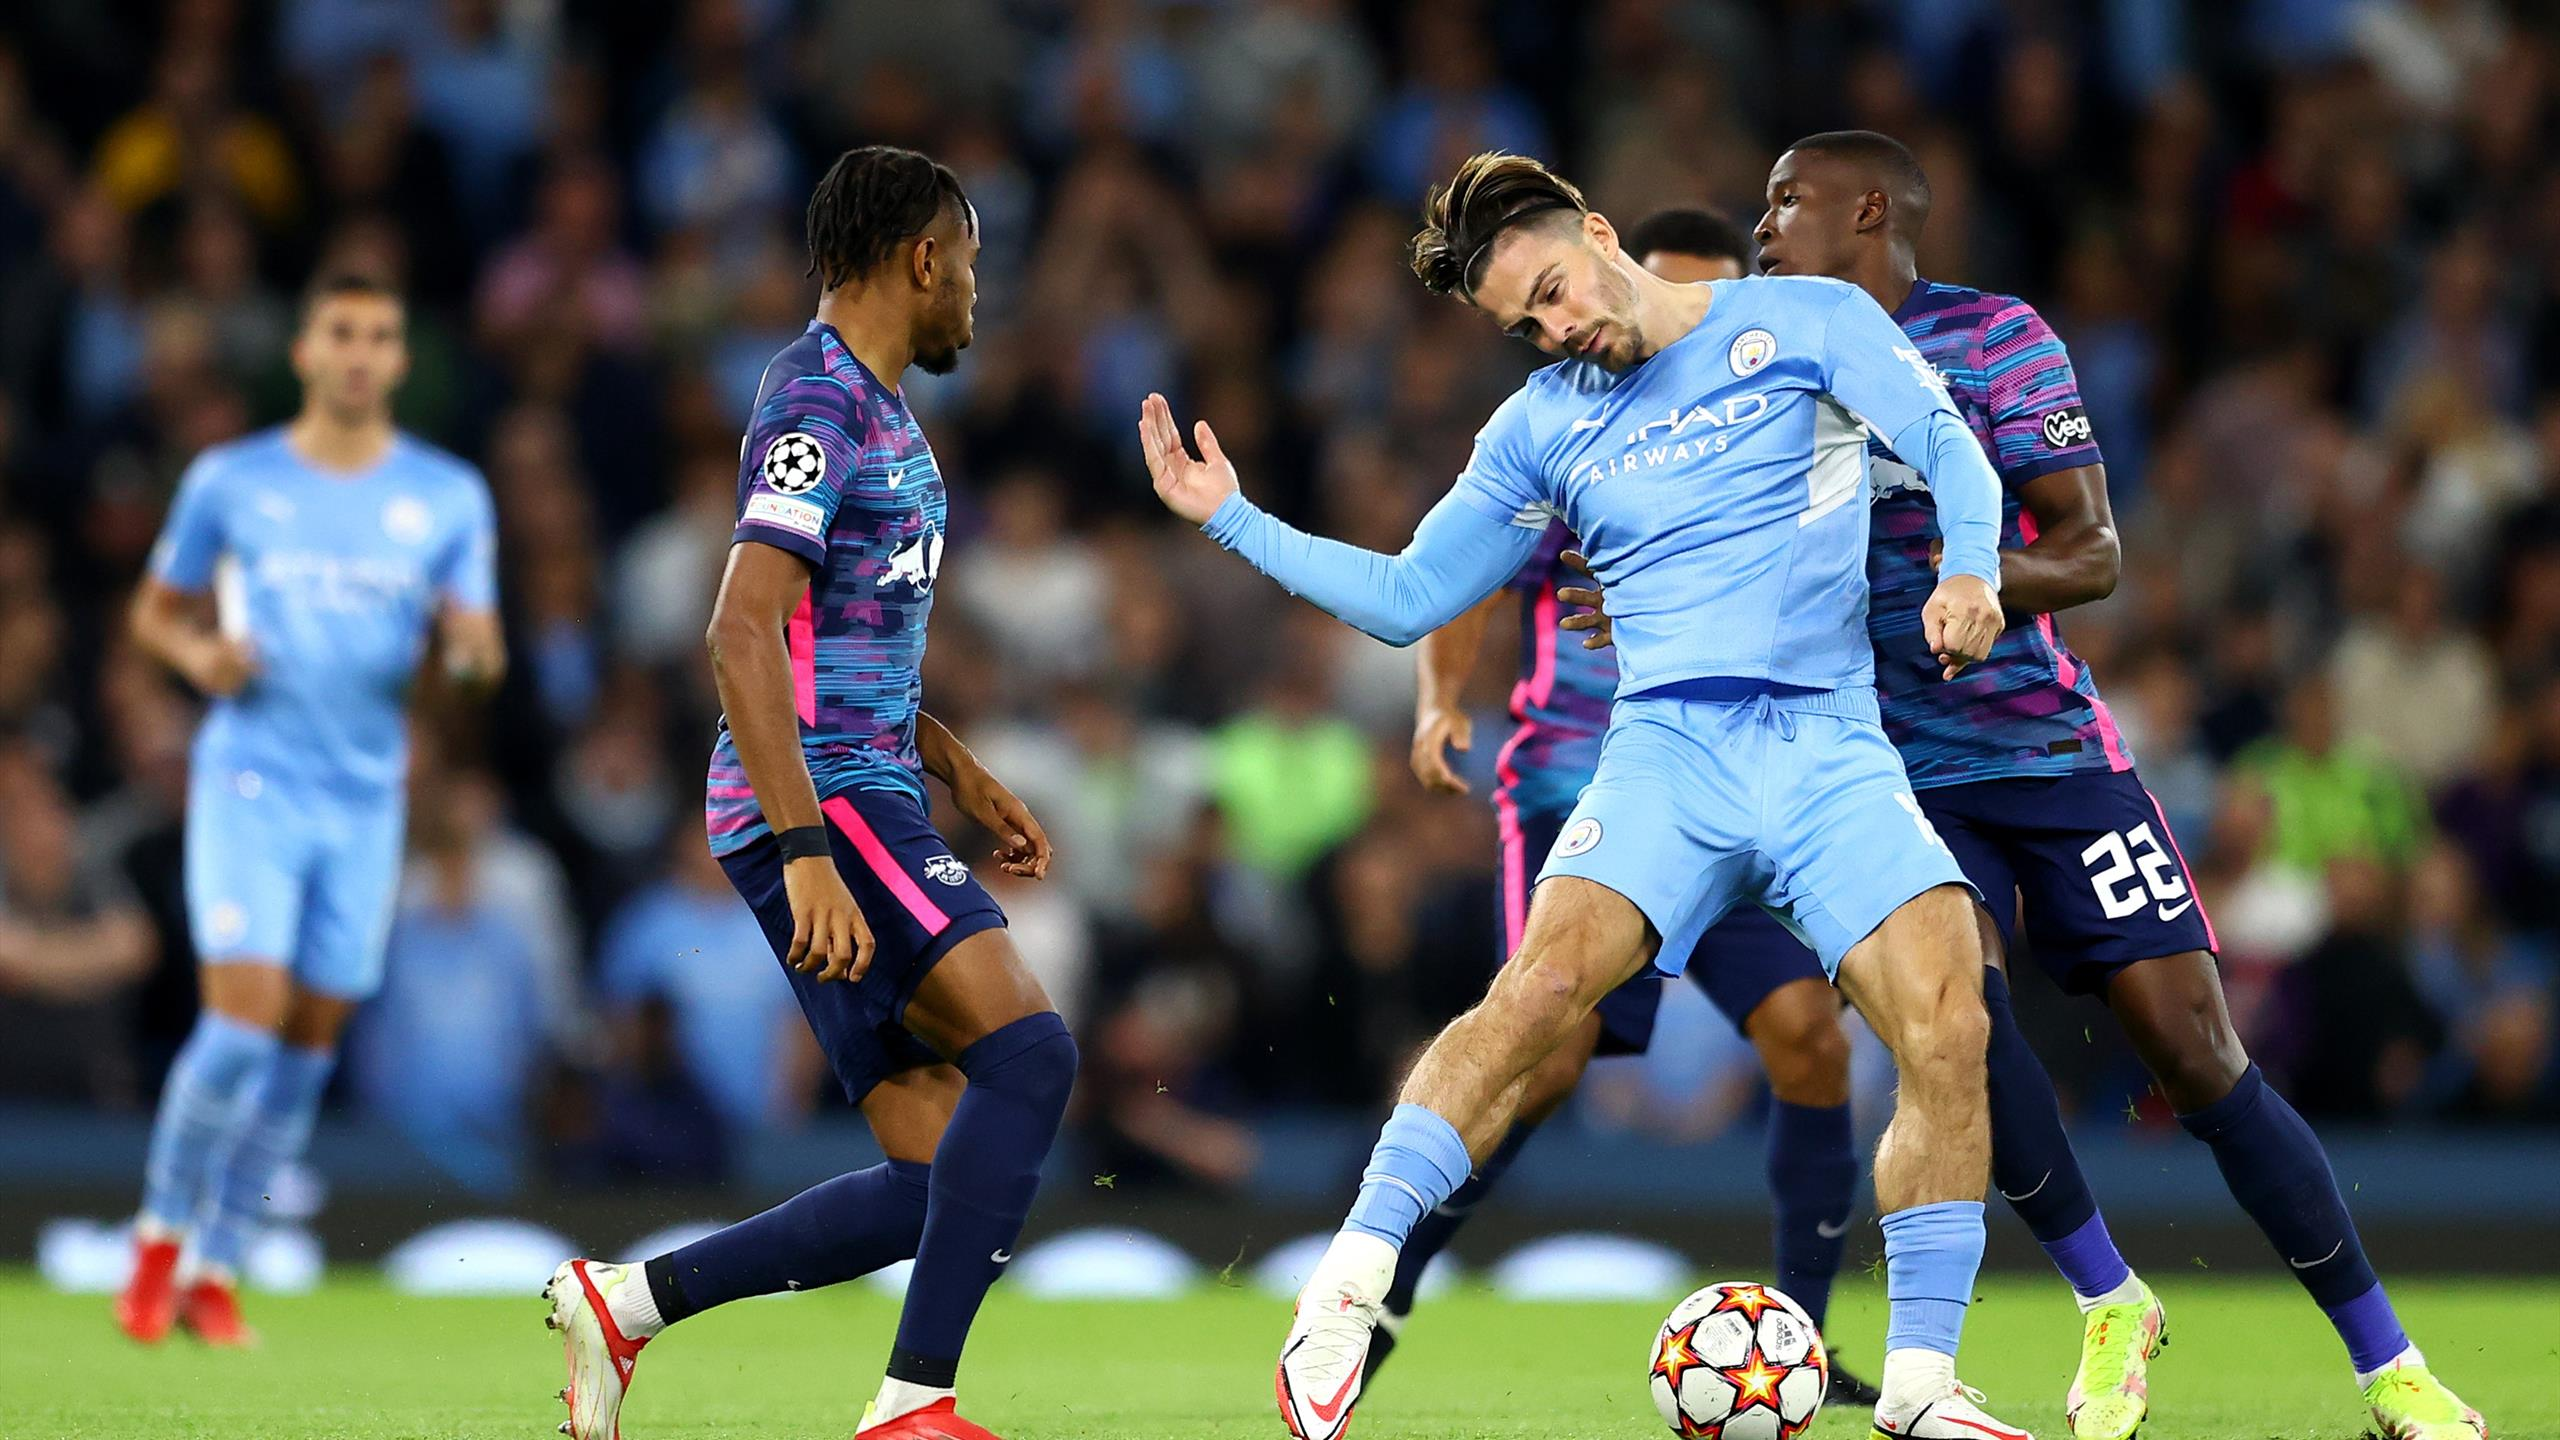 Le triplé de Nkunku n'y a rien changé : Manchester City s'est offert Leipzig